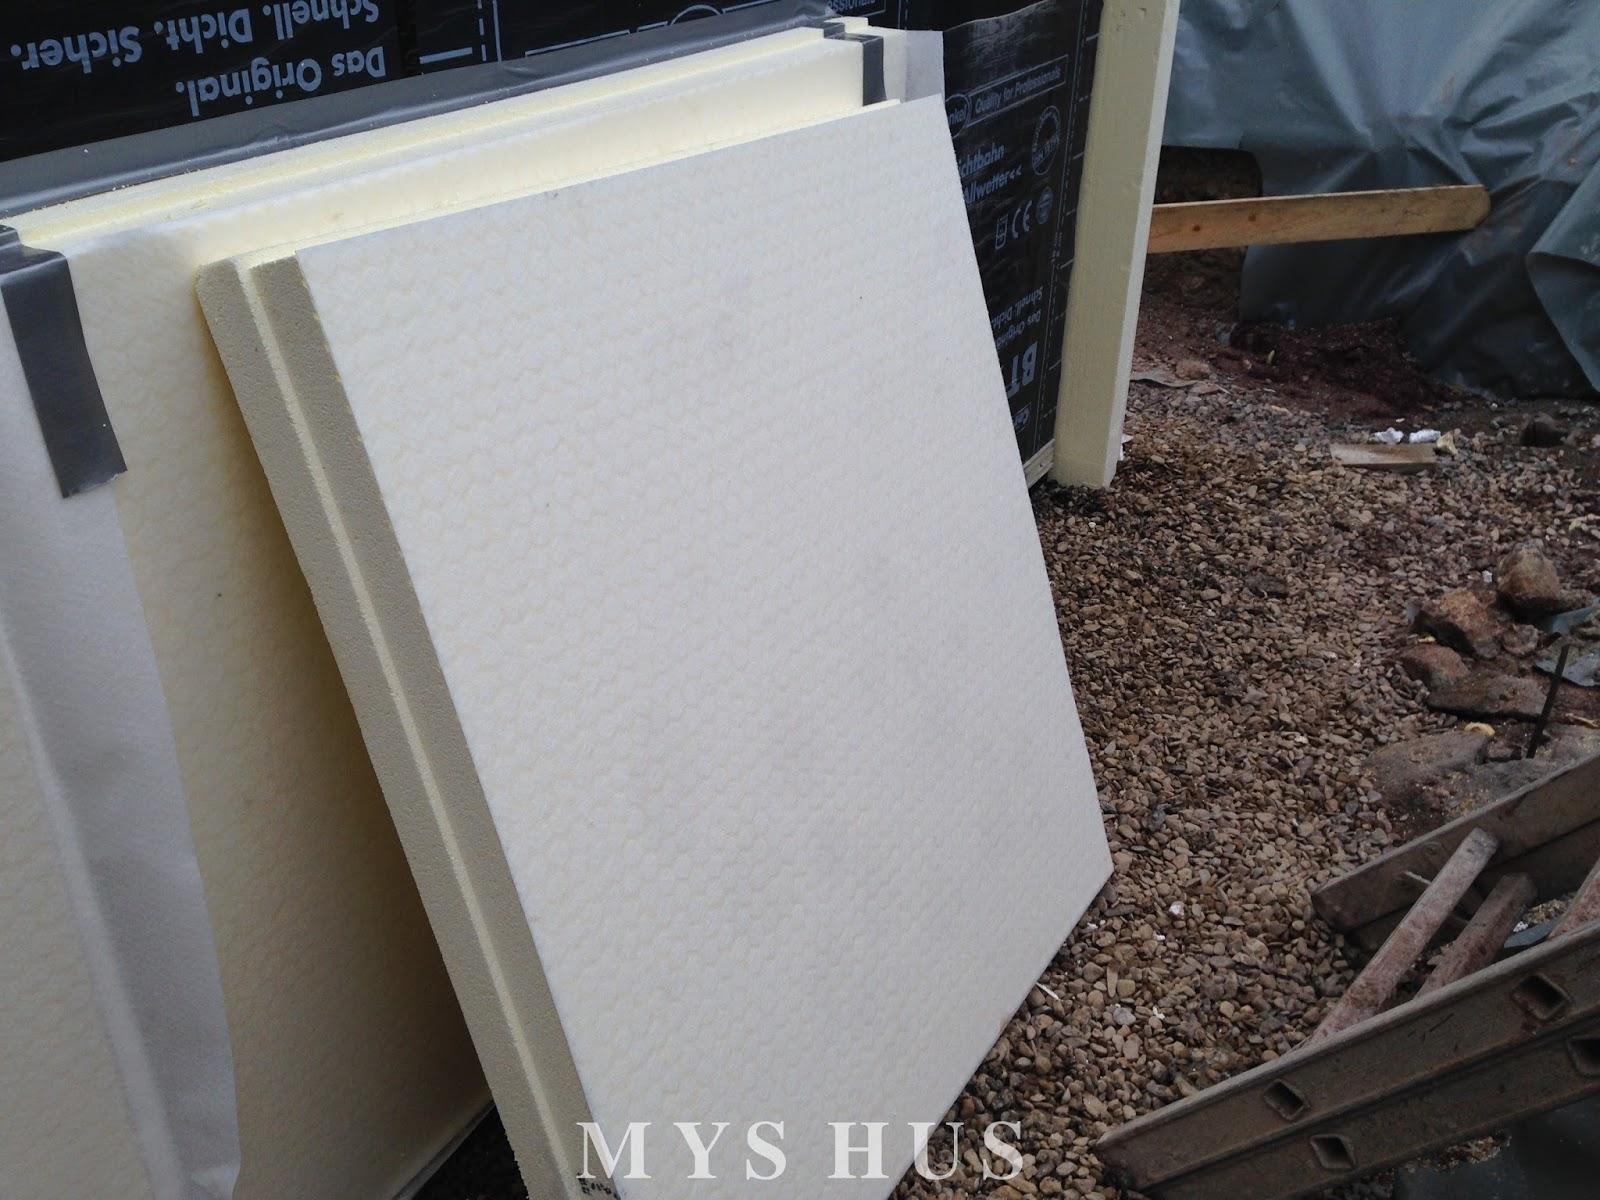 kellerbau woche 6 termin hauslieferung mys hus wir bauen ein schwedenhaus. Black Bedroom Furniture Sets. Home Design Ideas